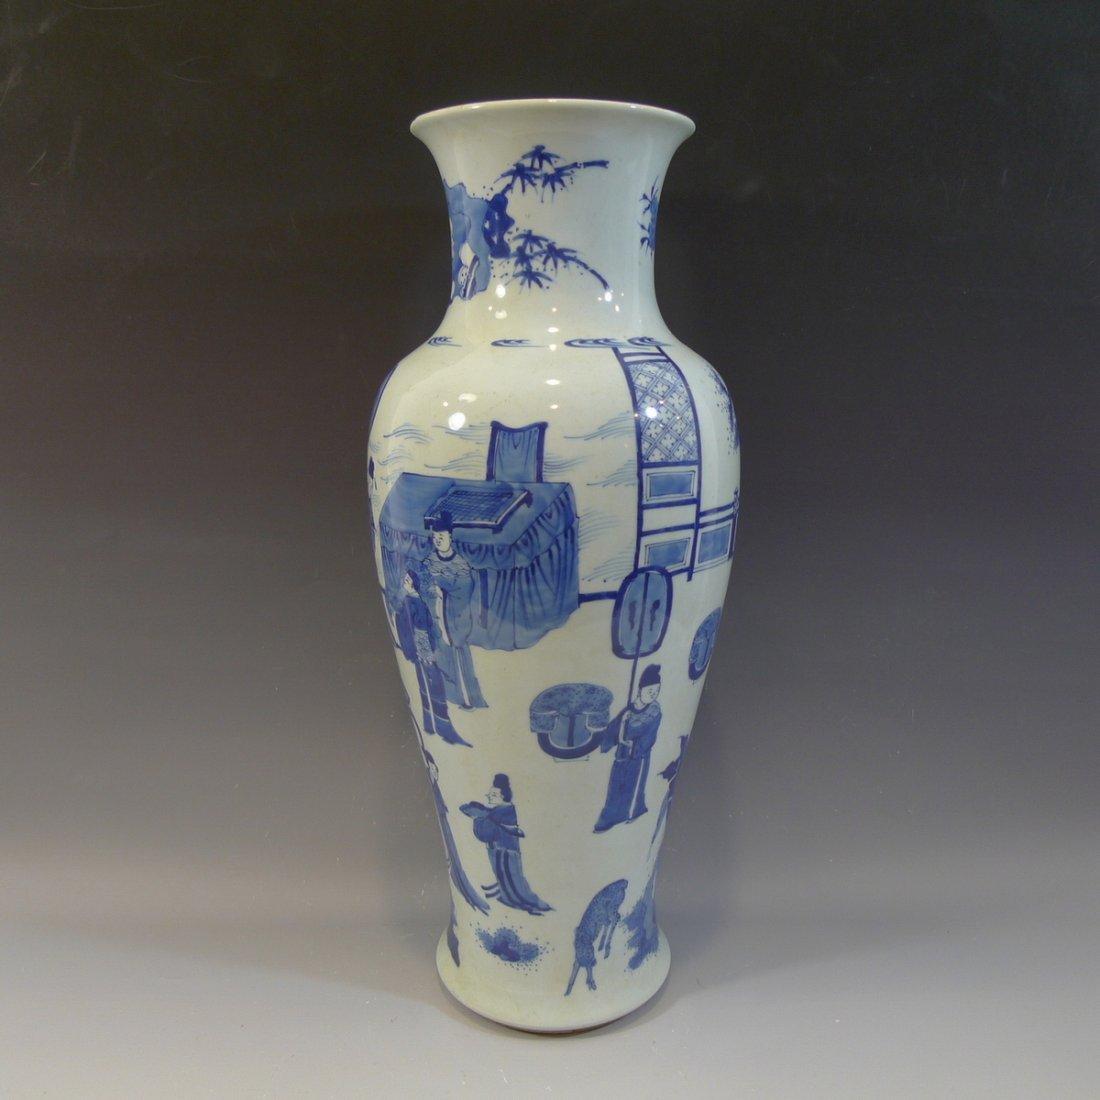 ANTIQUE CHINESE BLUE WHITE PORCELAIN VASE - KANGXI MARK - 3